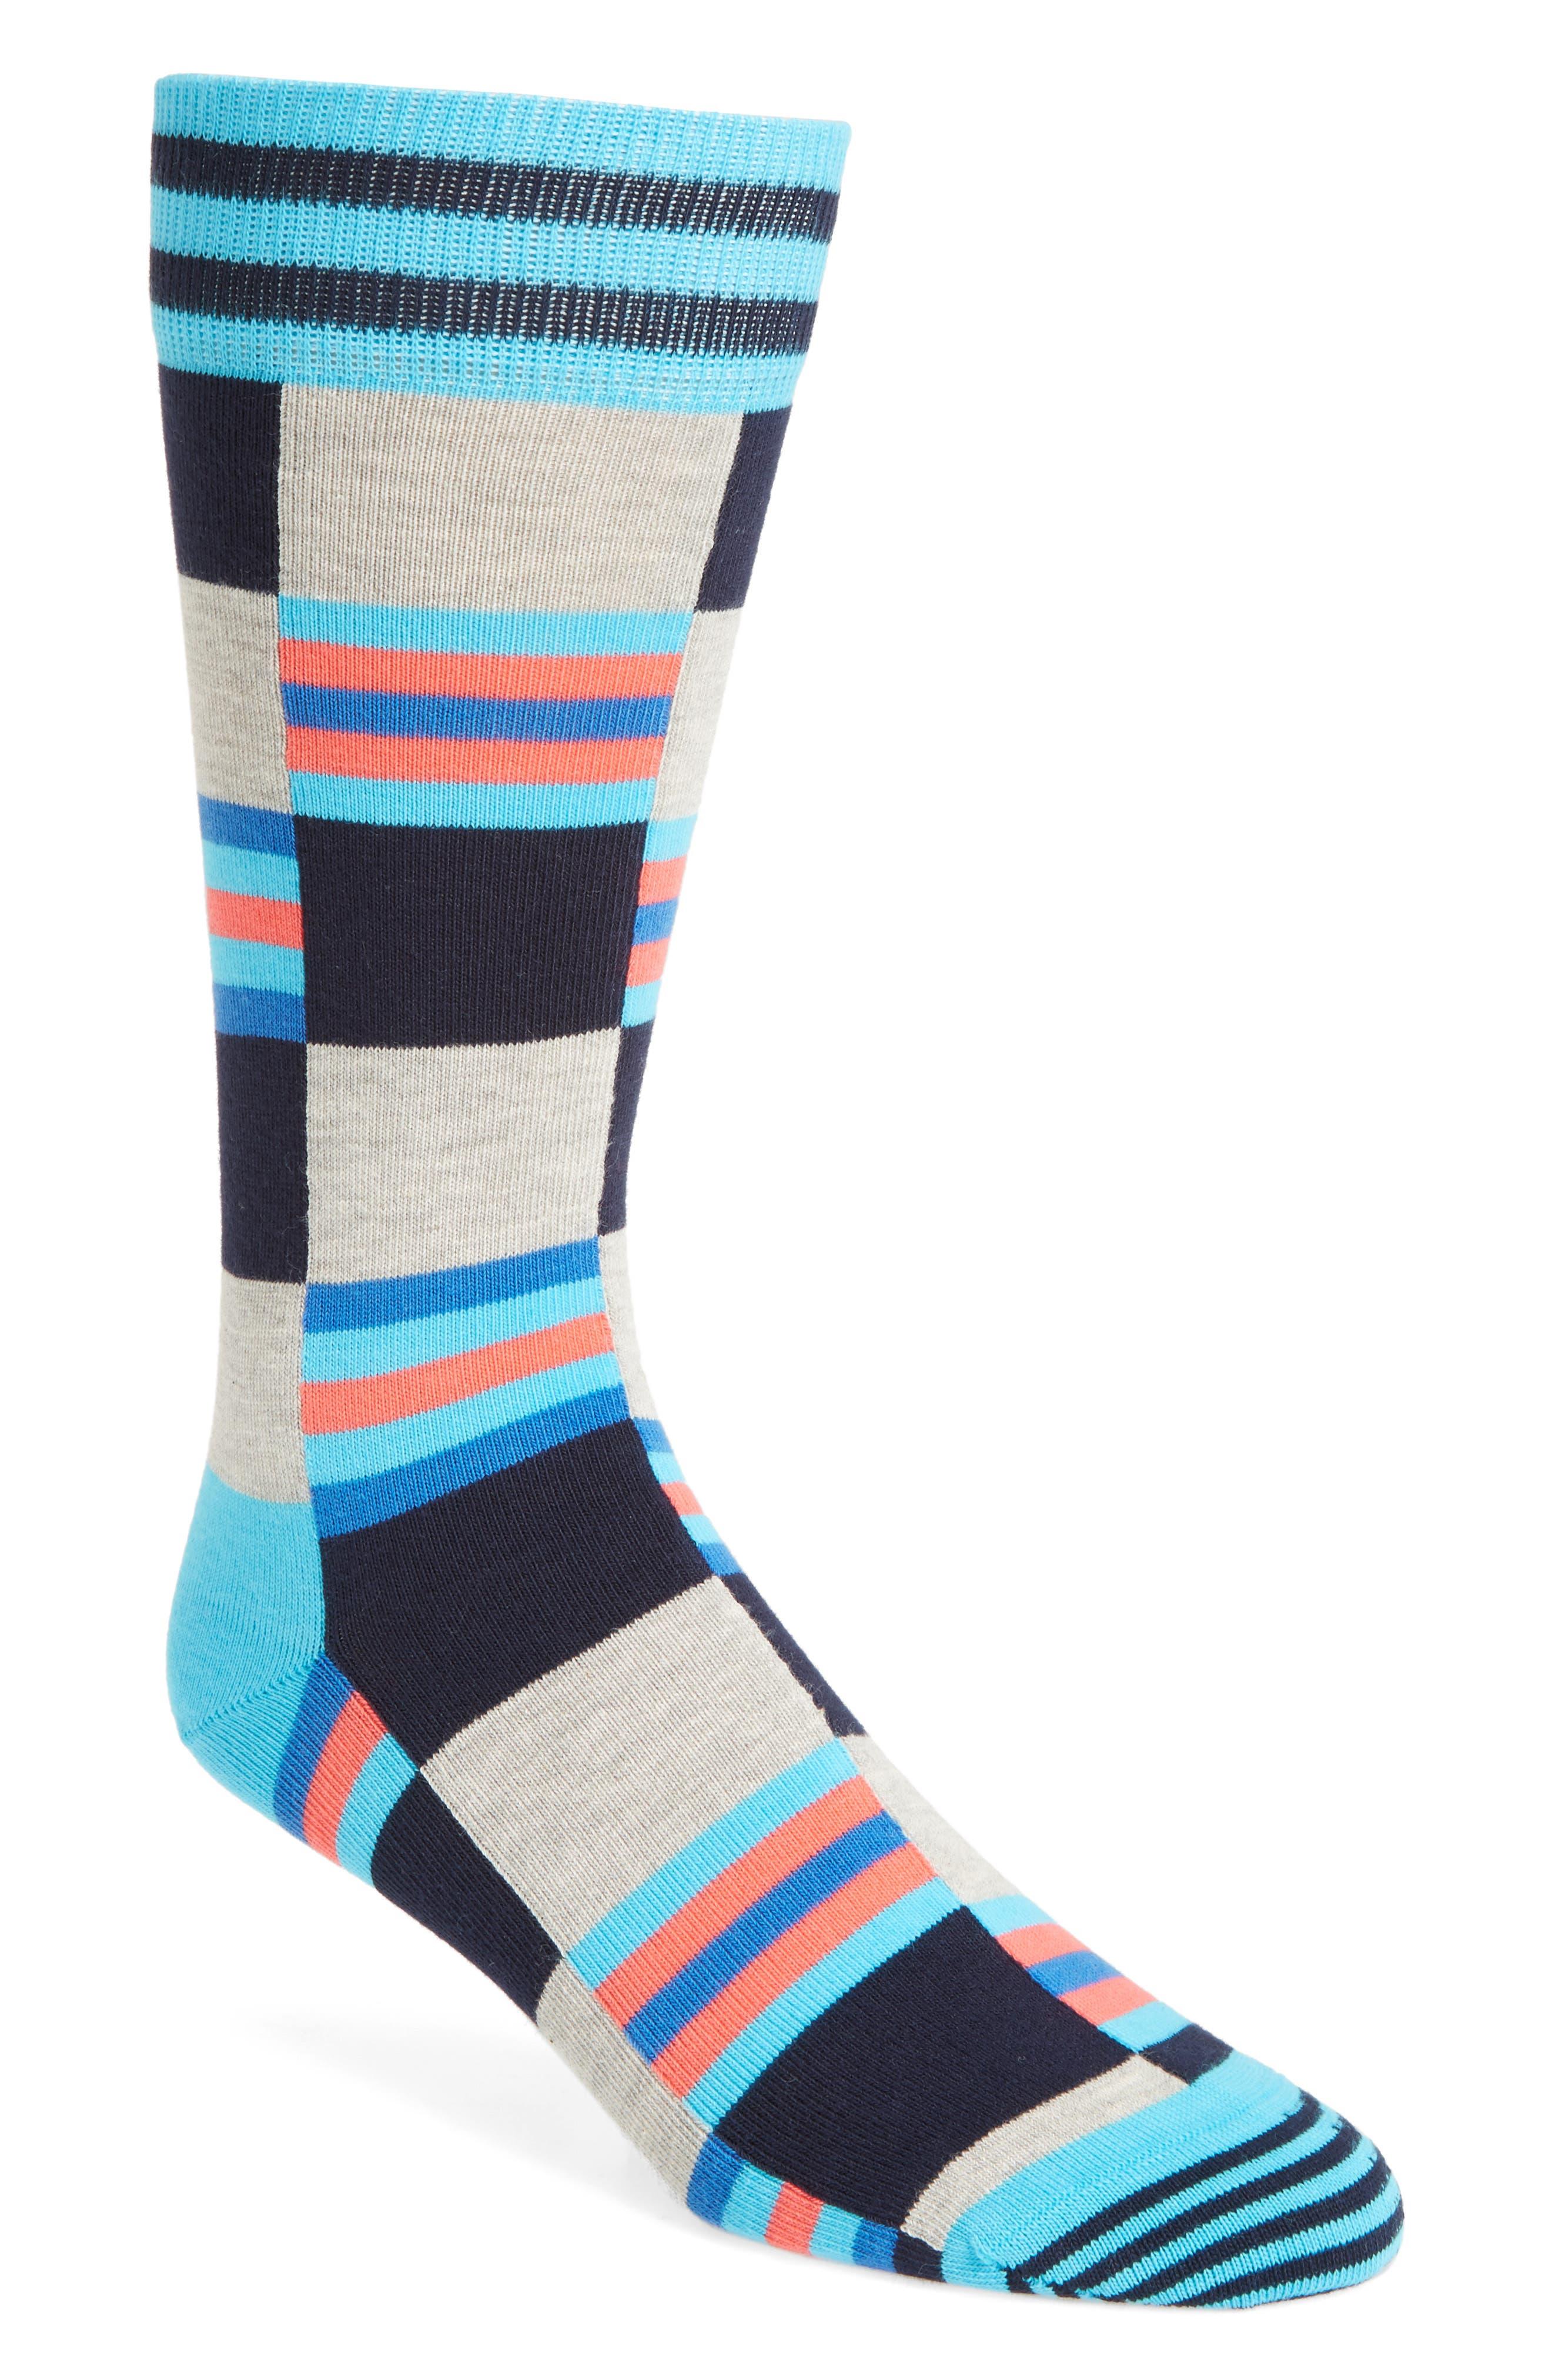 Happy Socks Check & Stripe Socks